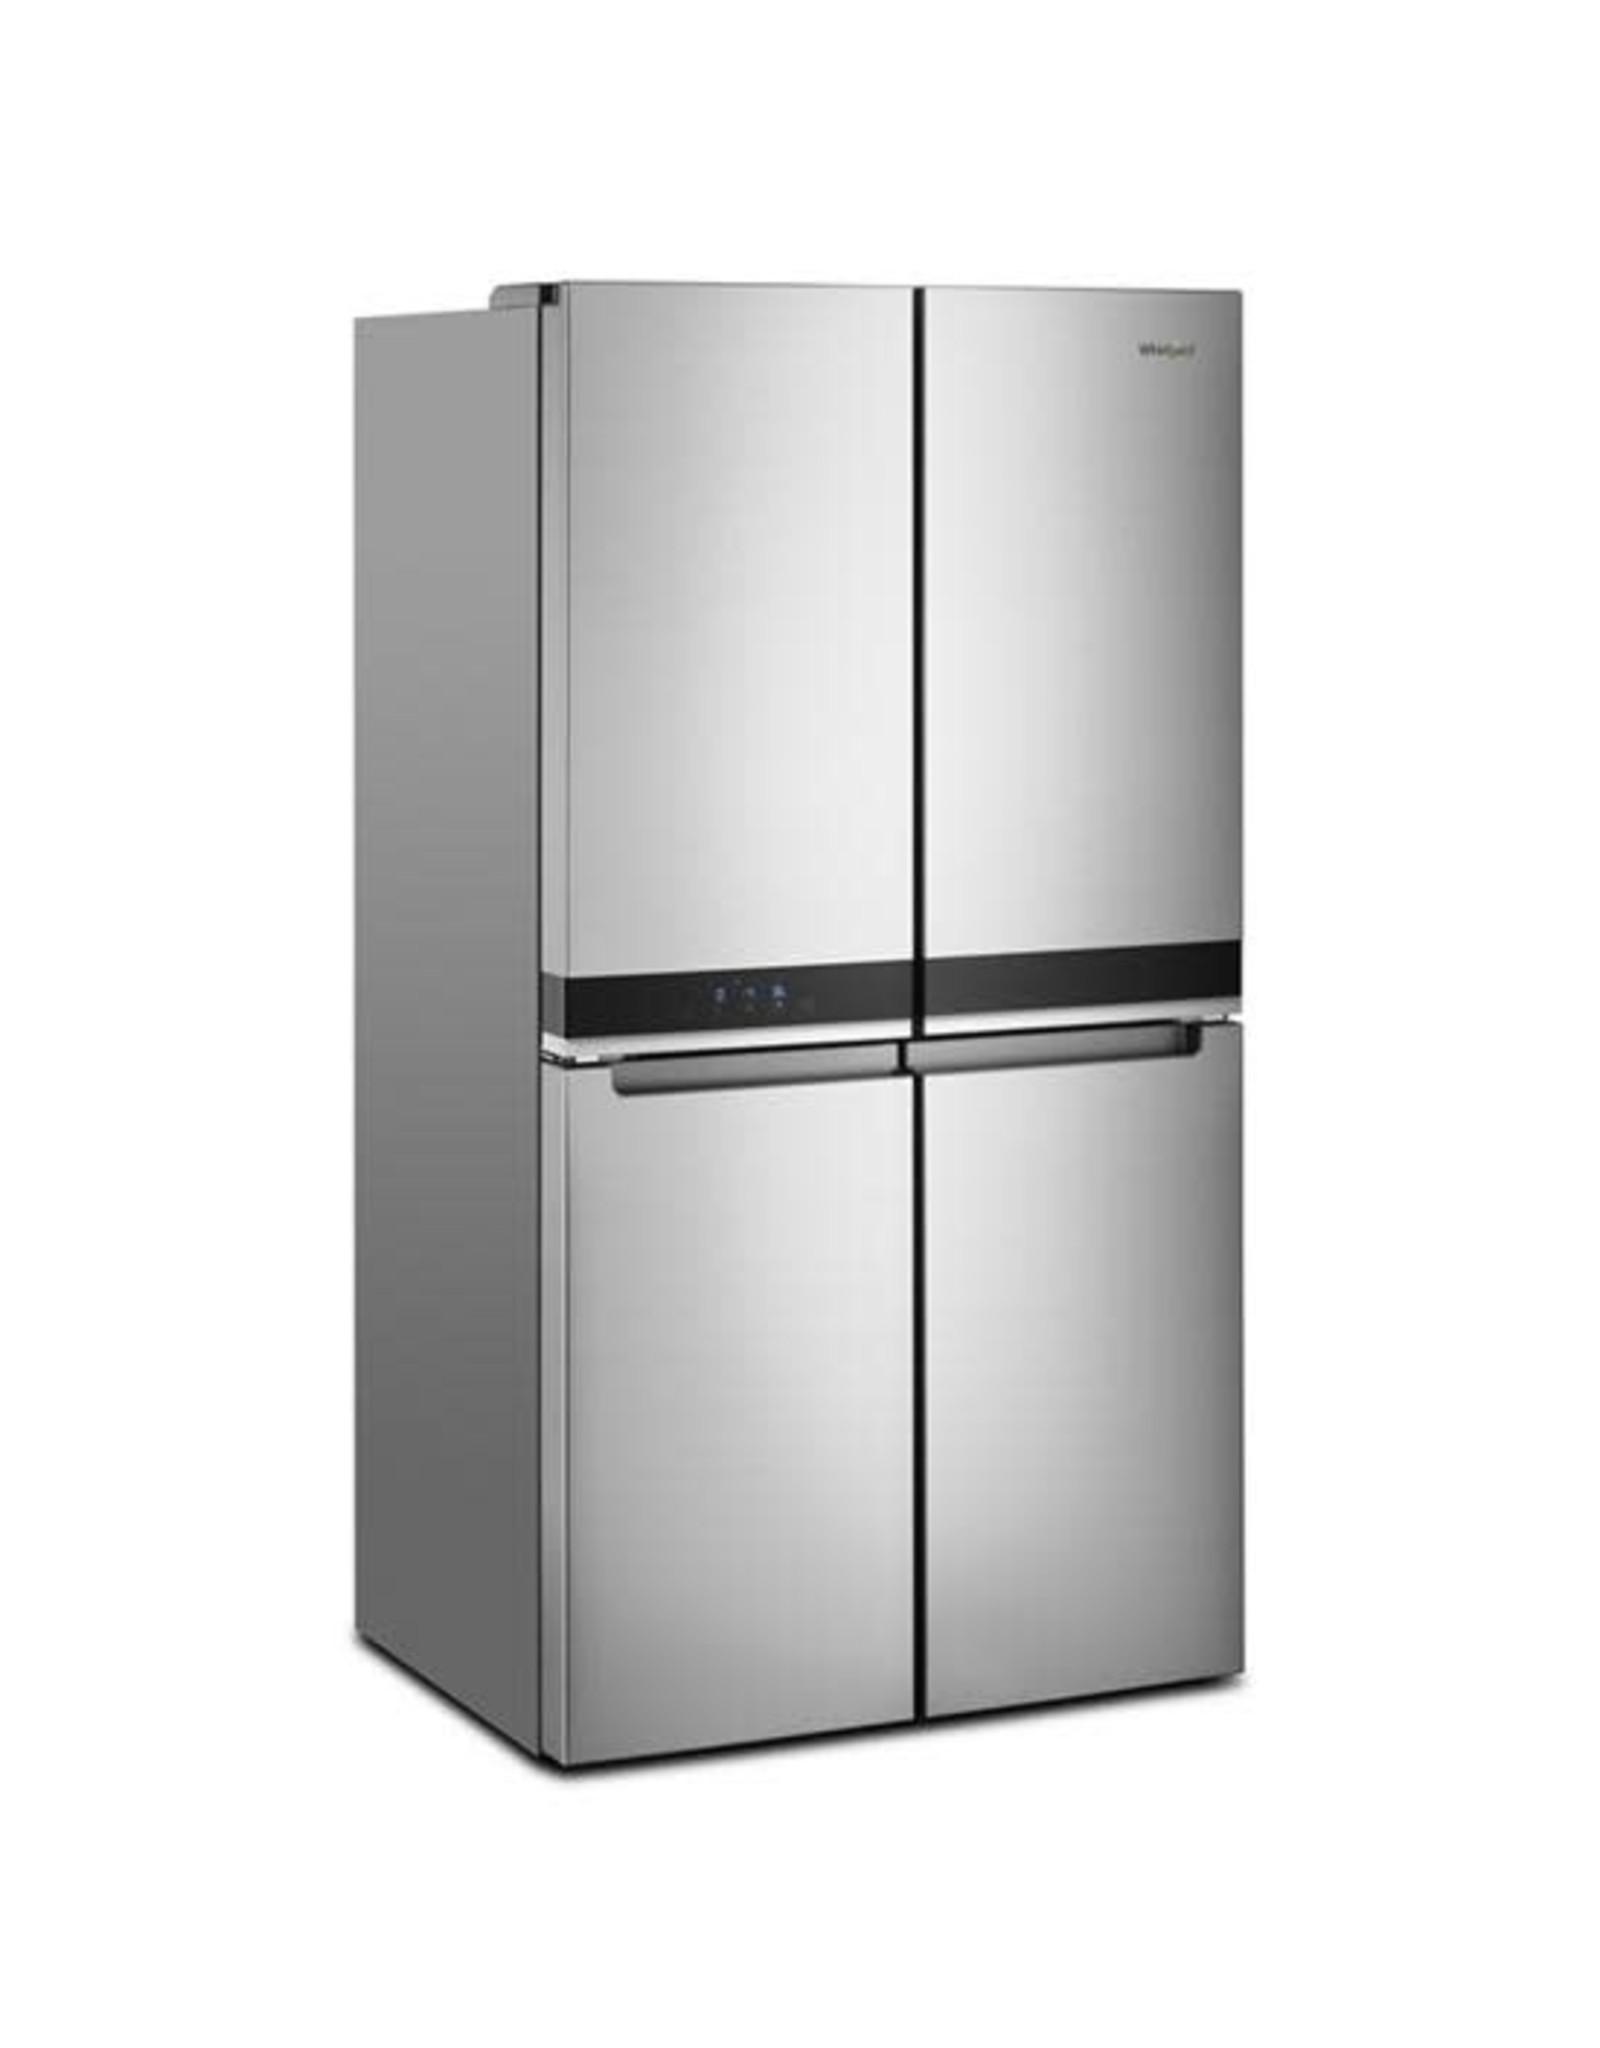 WHIRLPOOL WRQA59CNKZ  36 in. 19.4 cu. ft. 4-Door French Door Refrigerator in Fingerprint Resistant Stainless Steel, Counter Depth